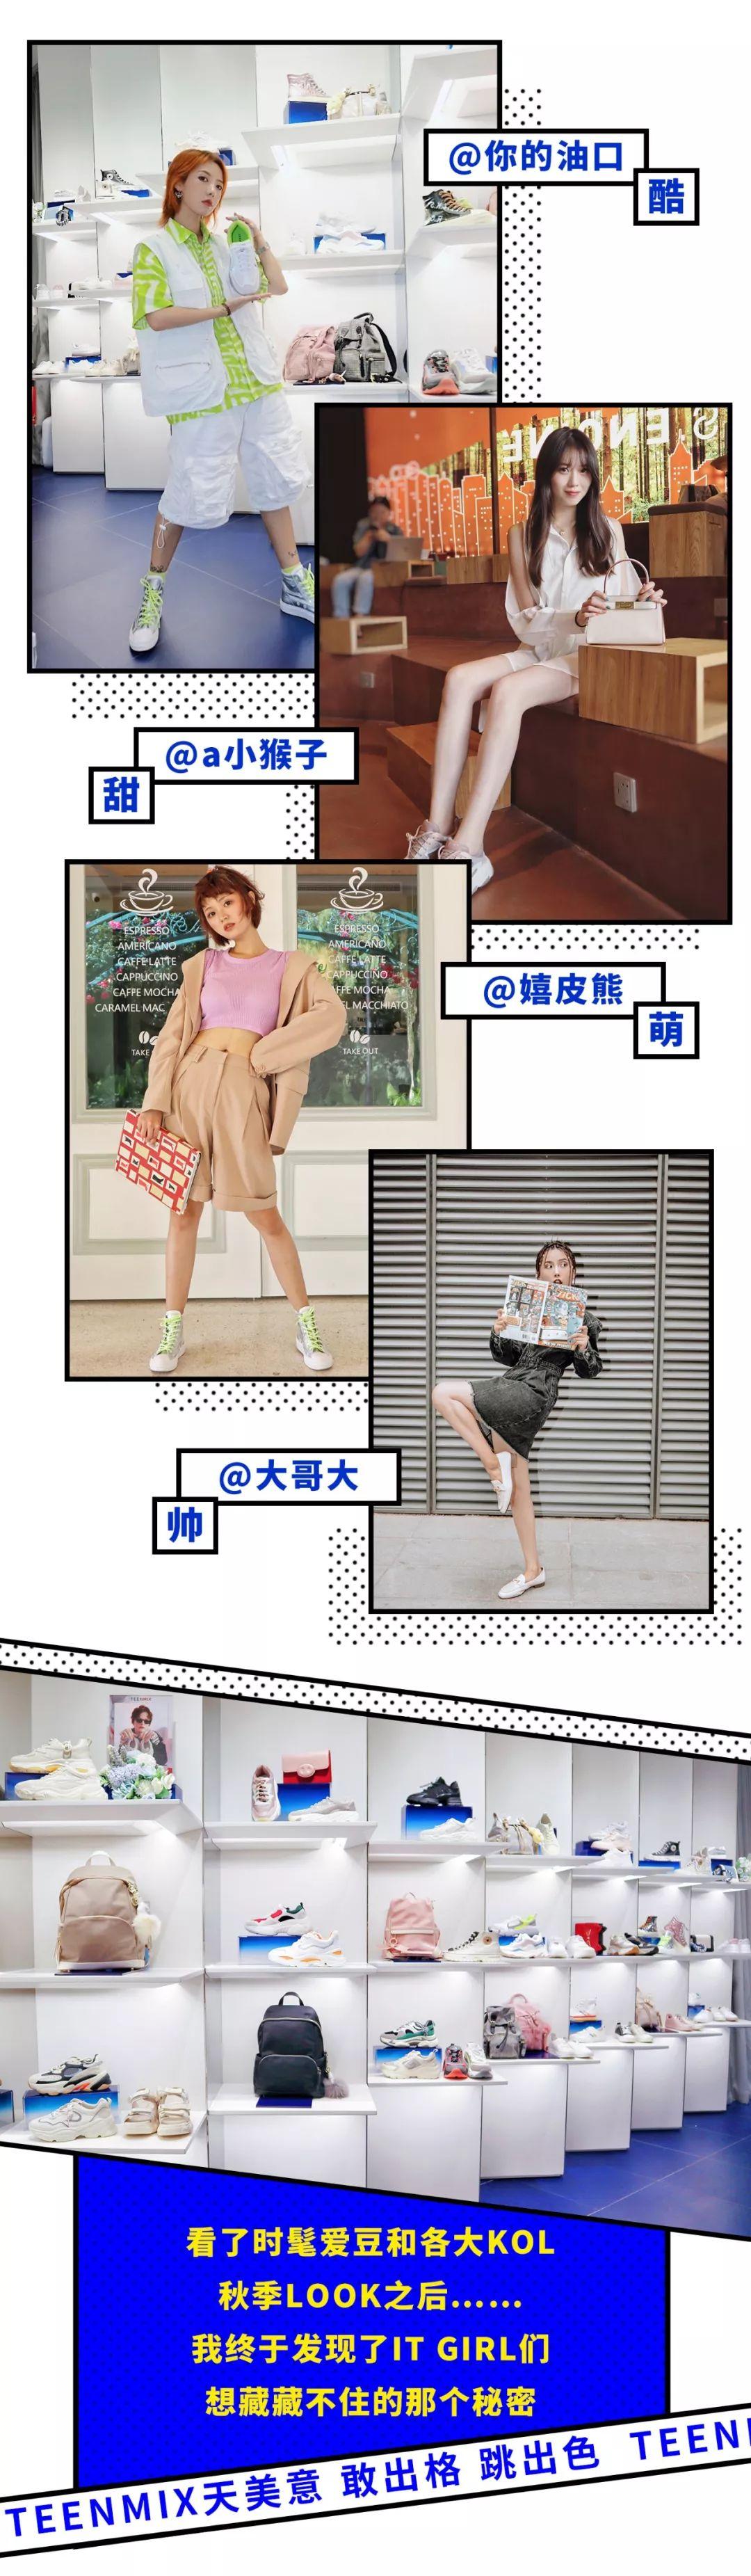 上海女人为了好看什么都愿意买吗?是!